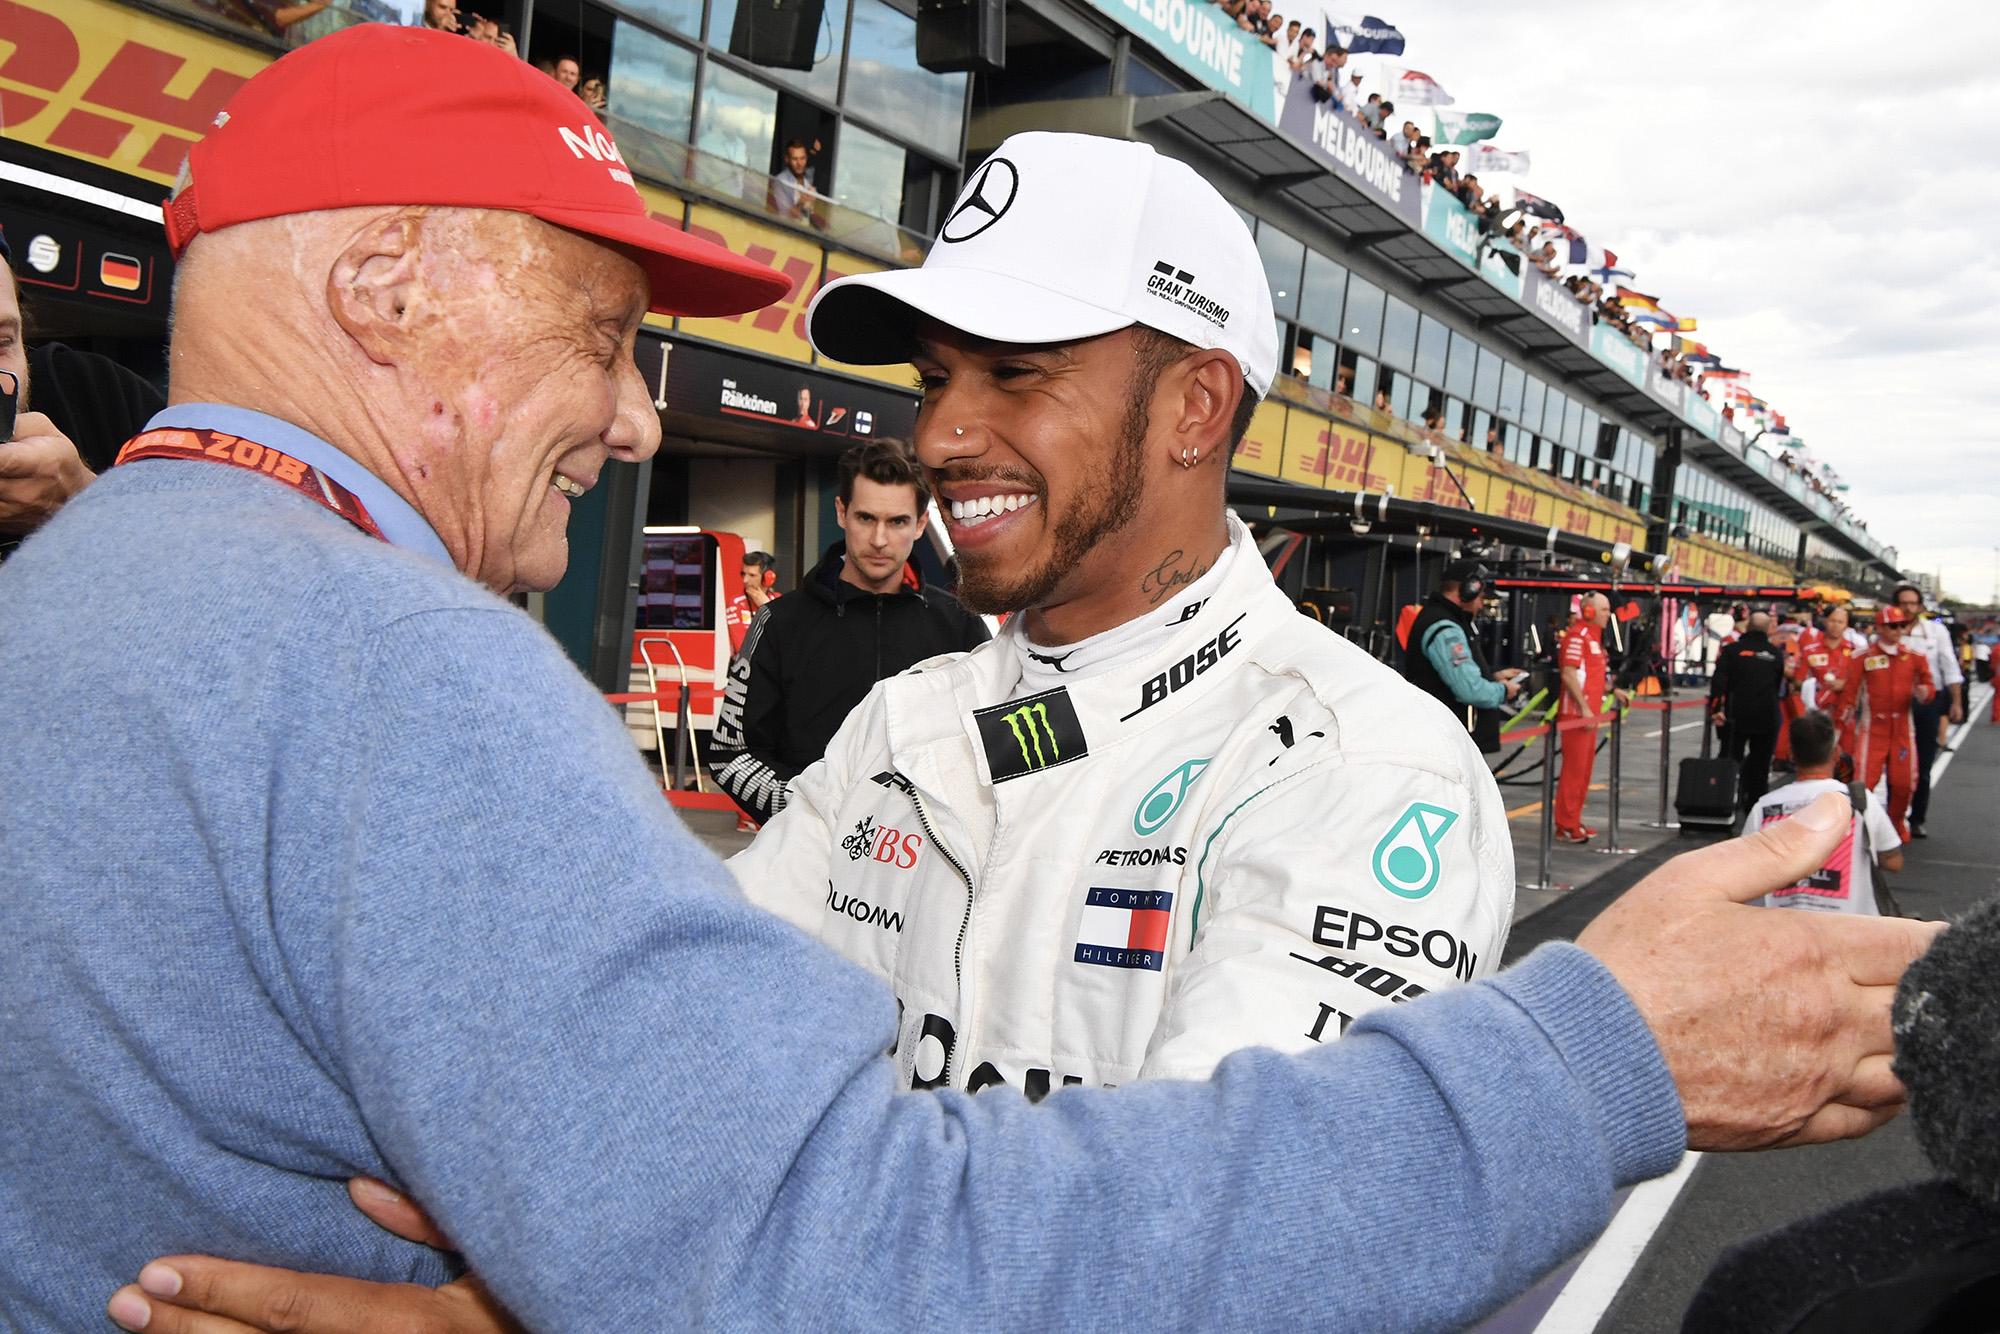 Niki Lauda embraces Lewis Hamilton